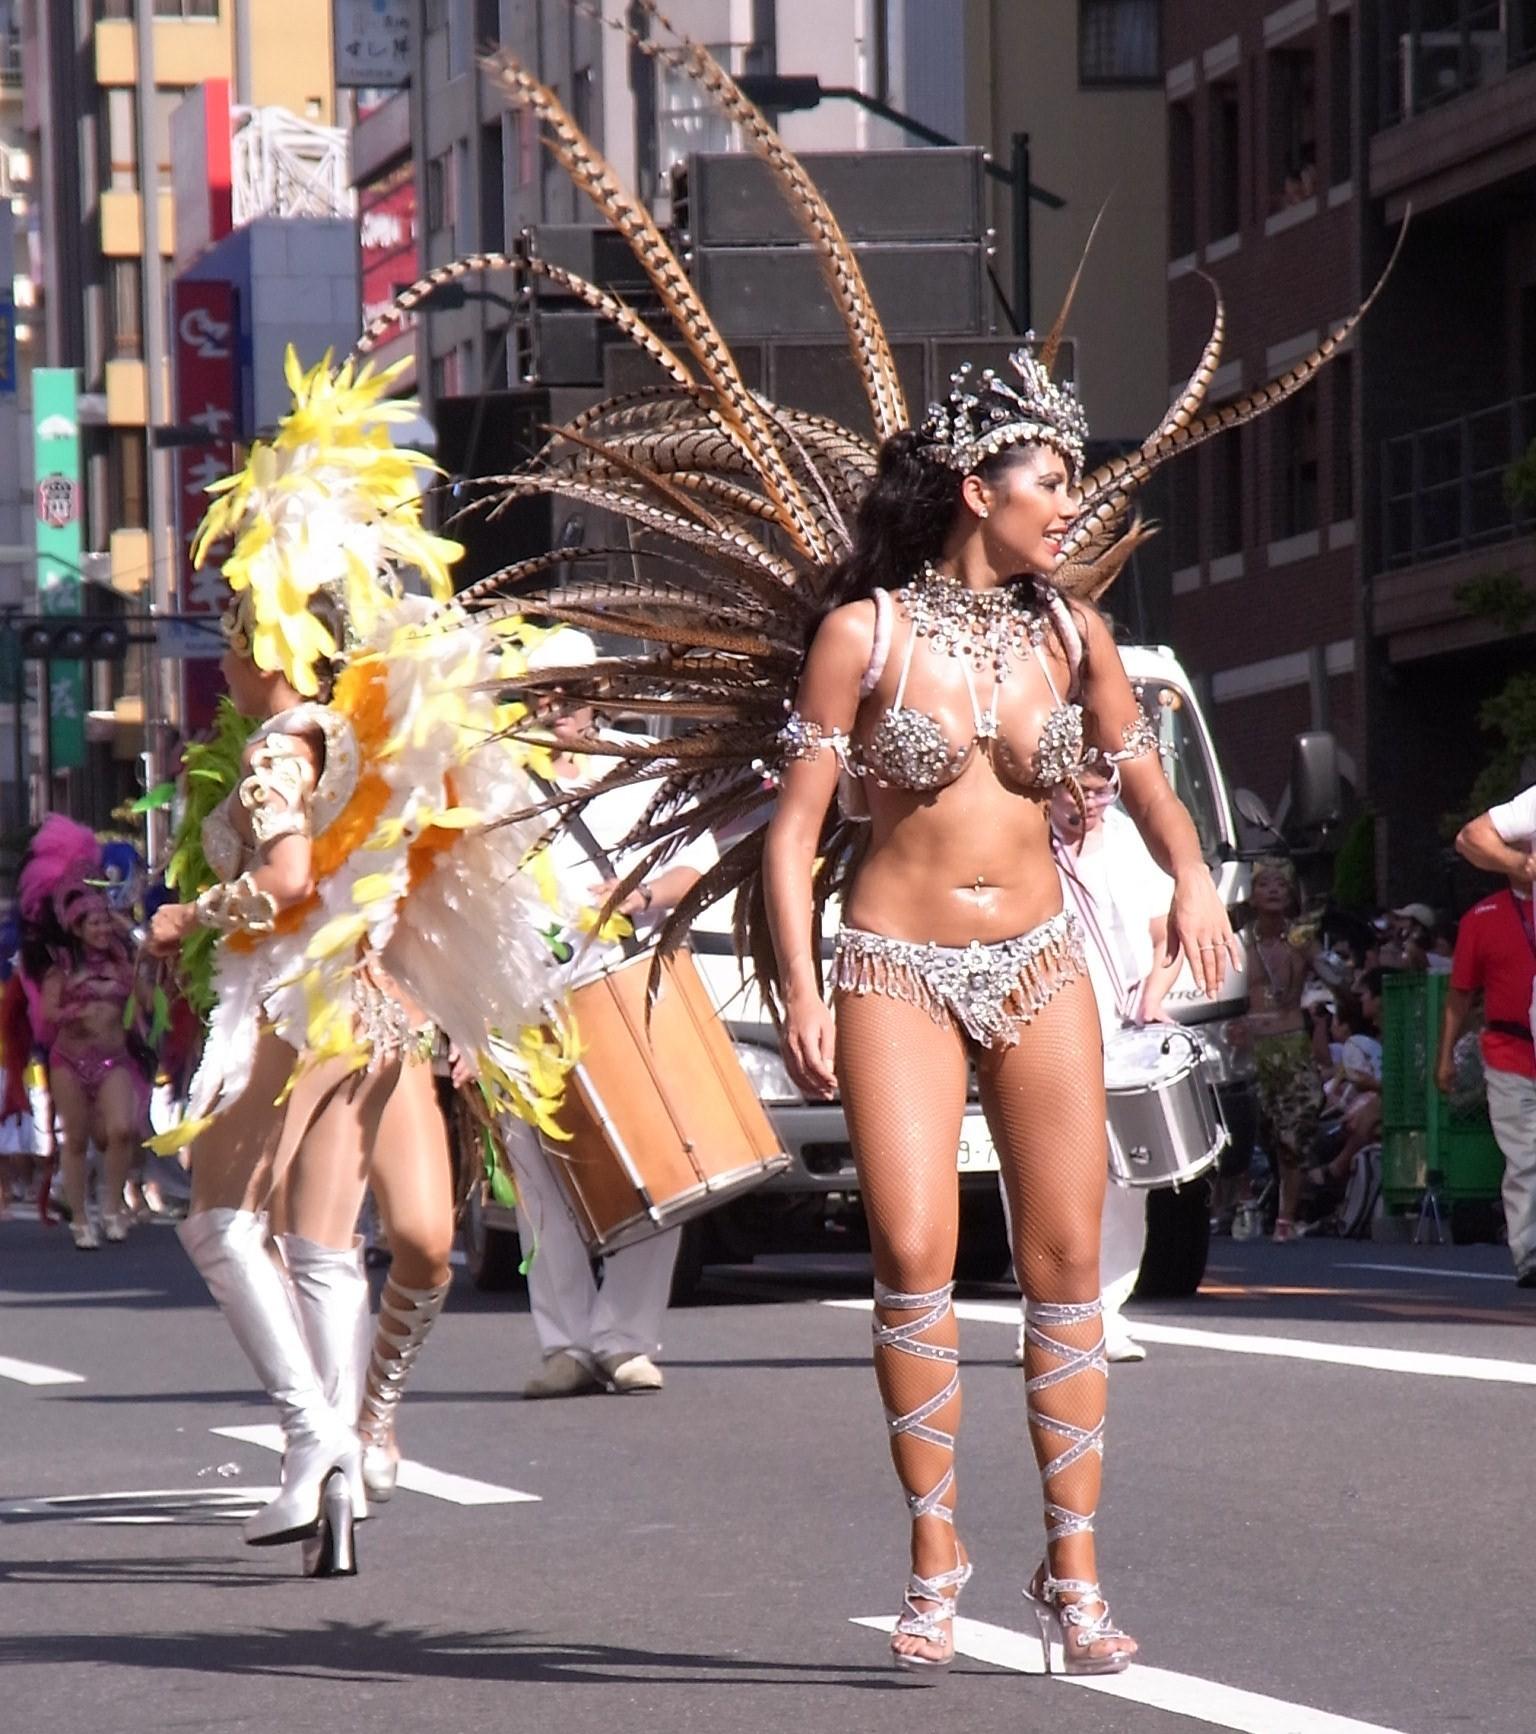 【サンバエロ画像】もう日本の伝統になりつつあるサンバカーニバル…真っ昼間から半裸で踊り狂ううおねーさんがそそるwww その4